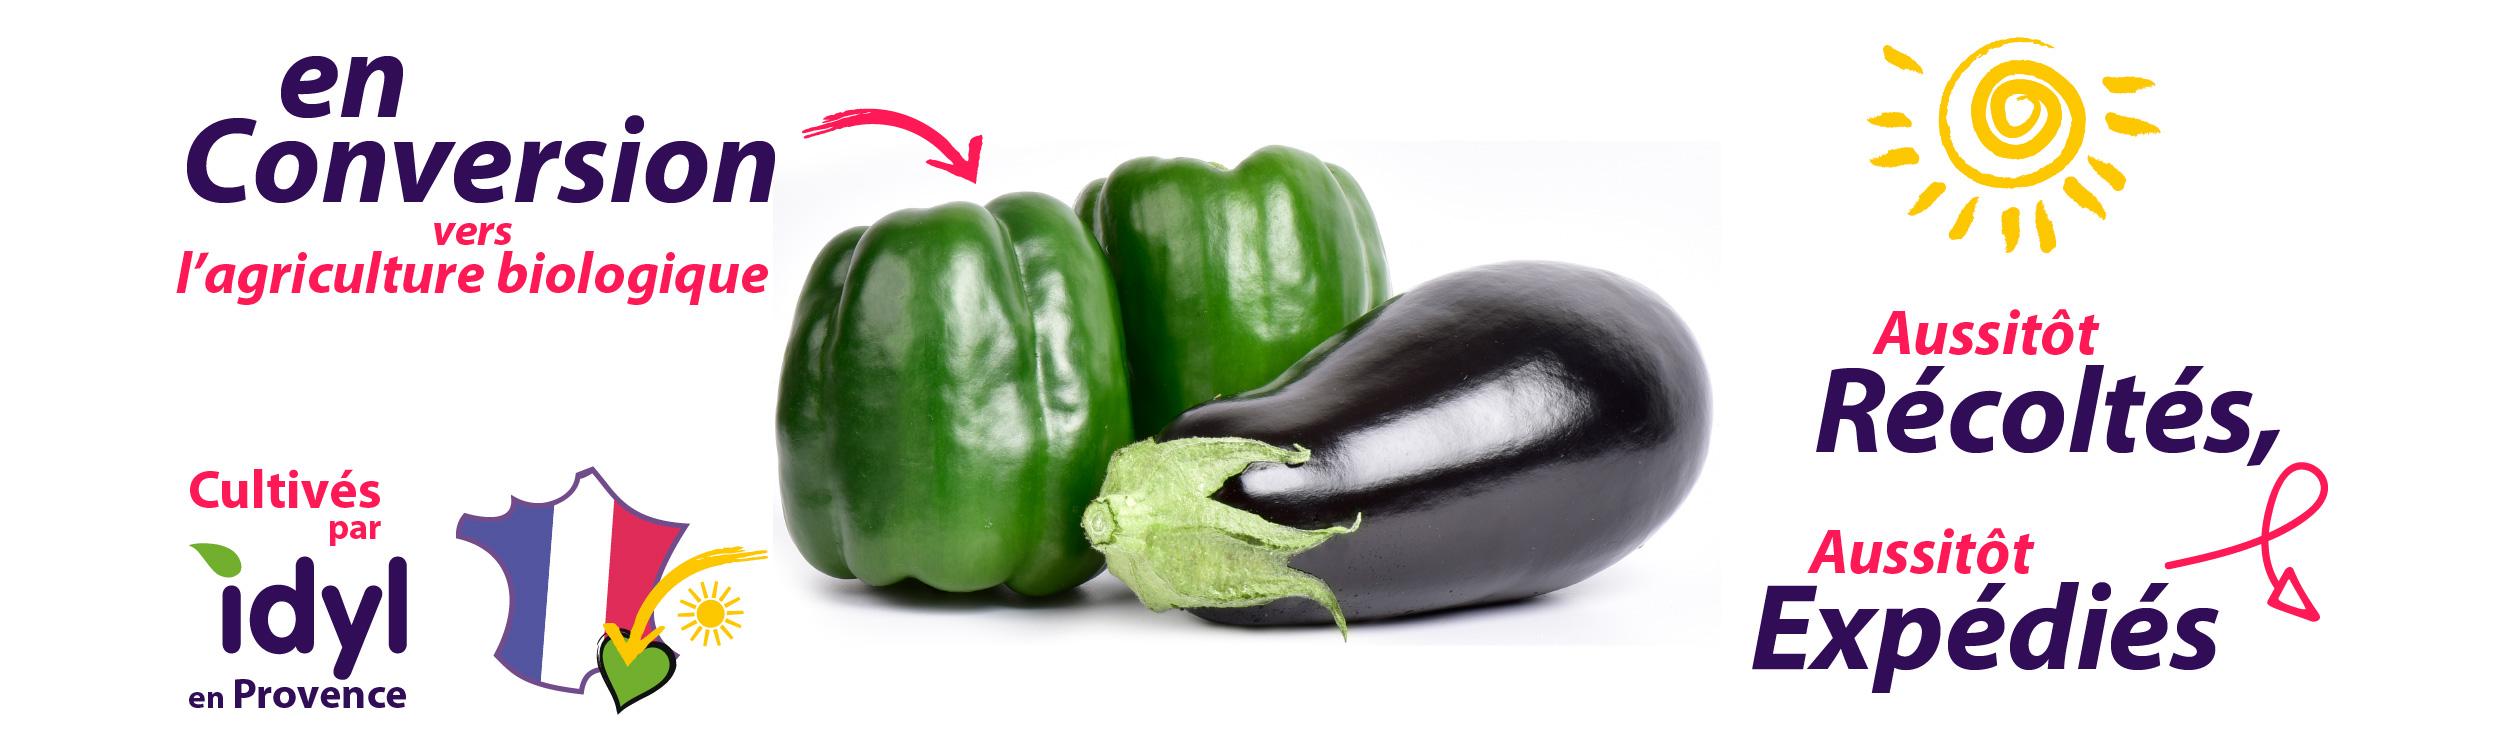 Poivron et aubergine de Provence Idy producteur